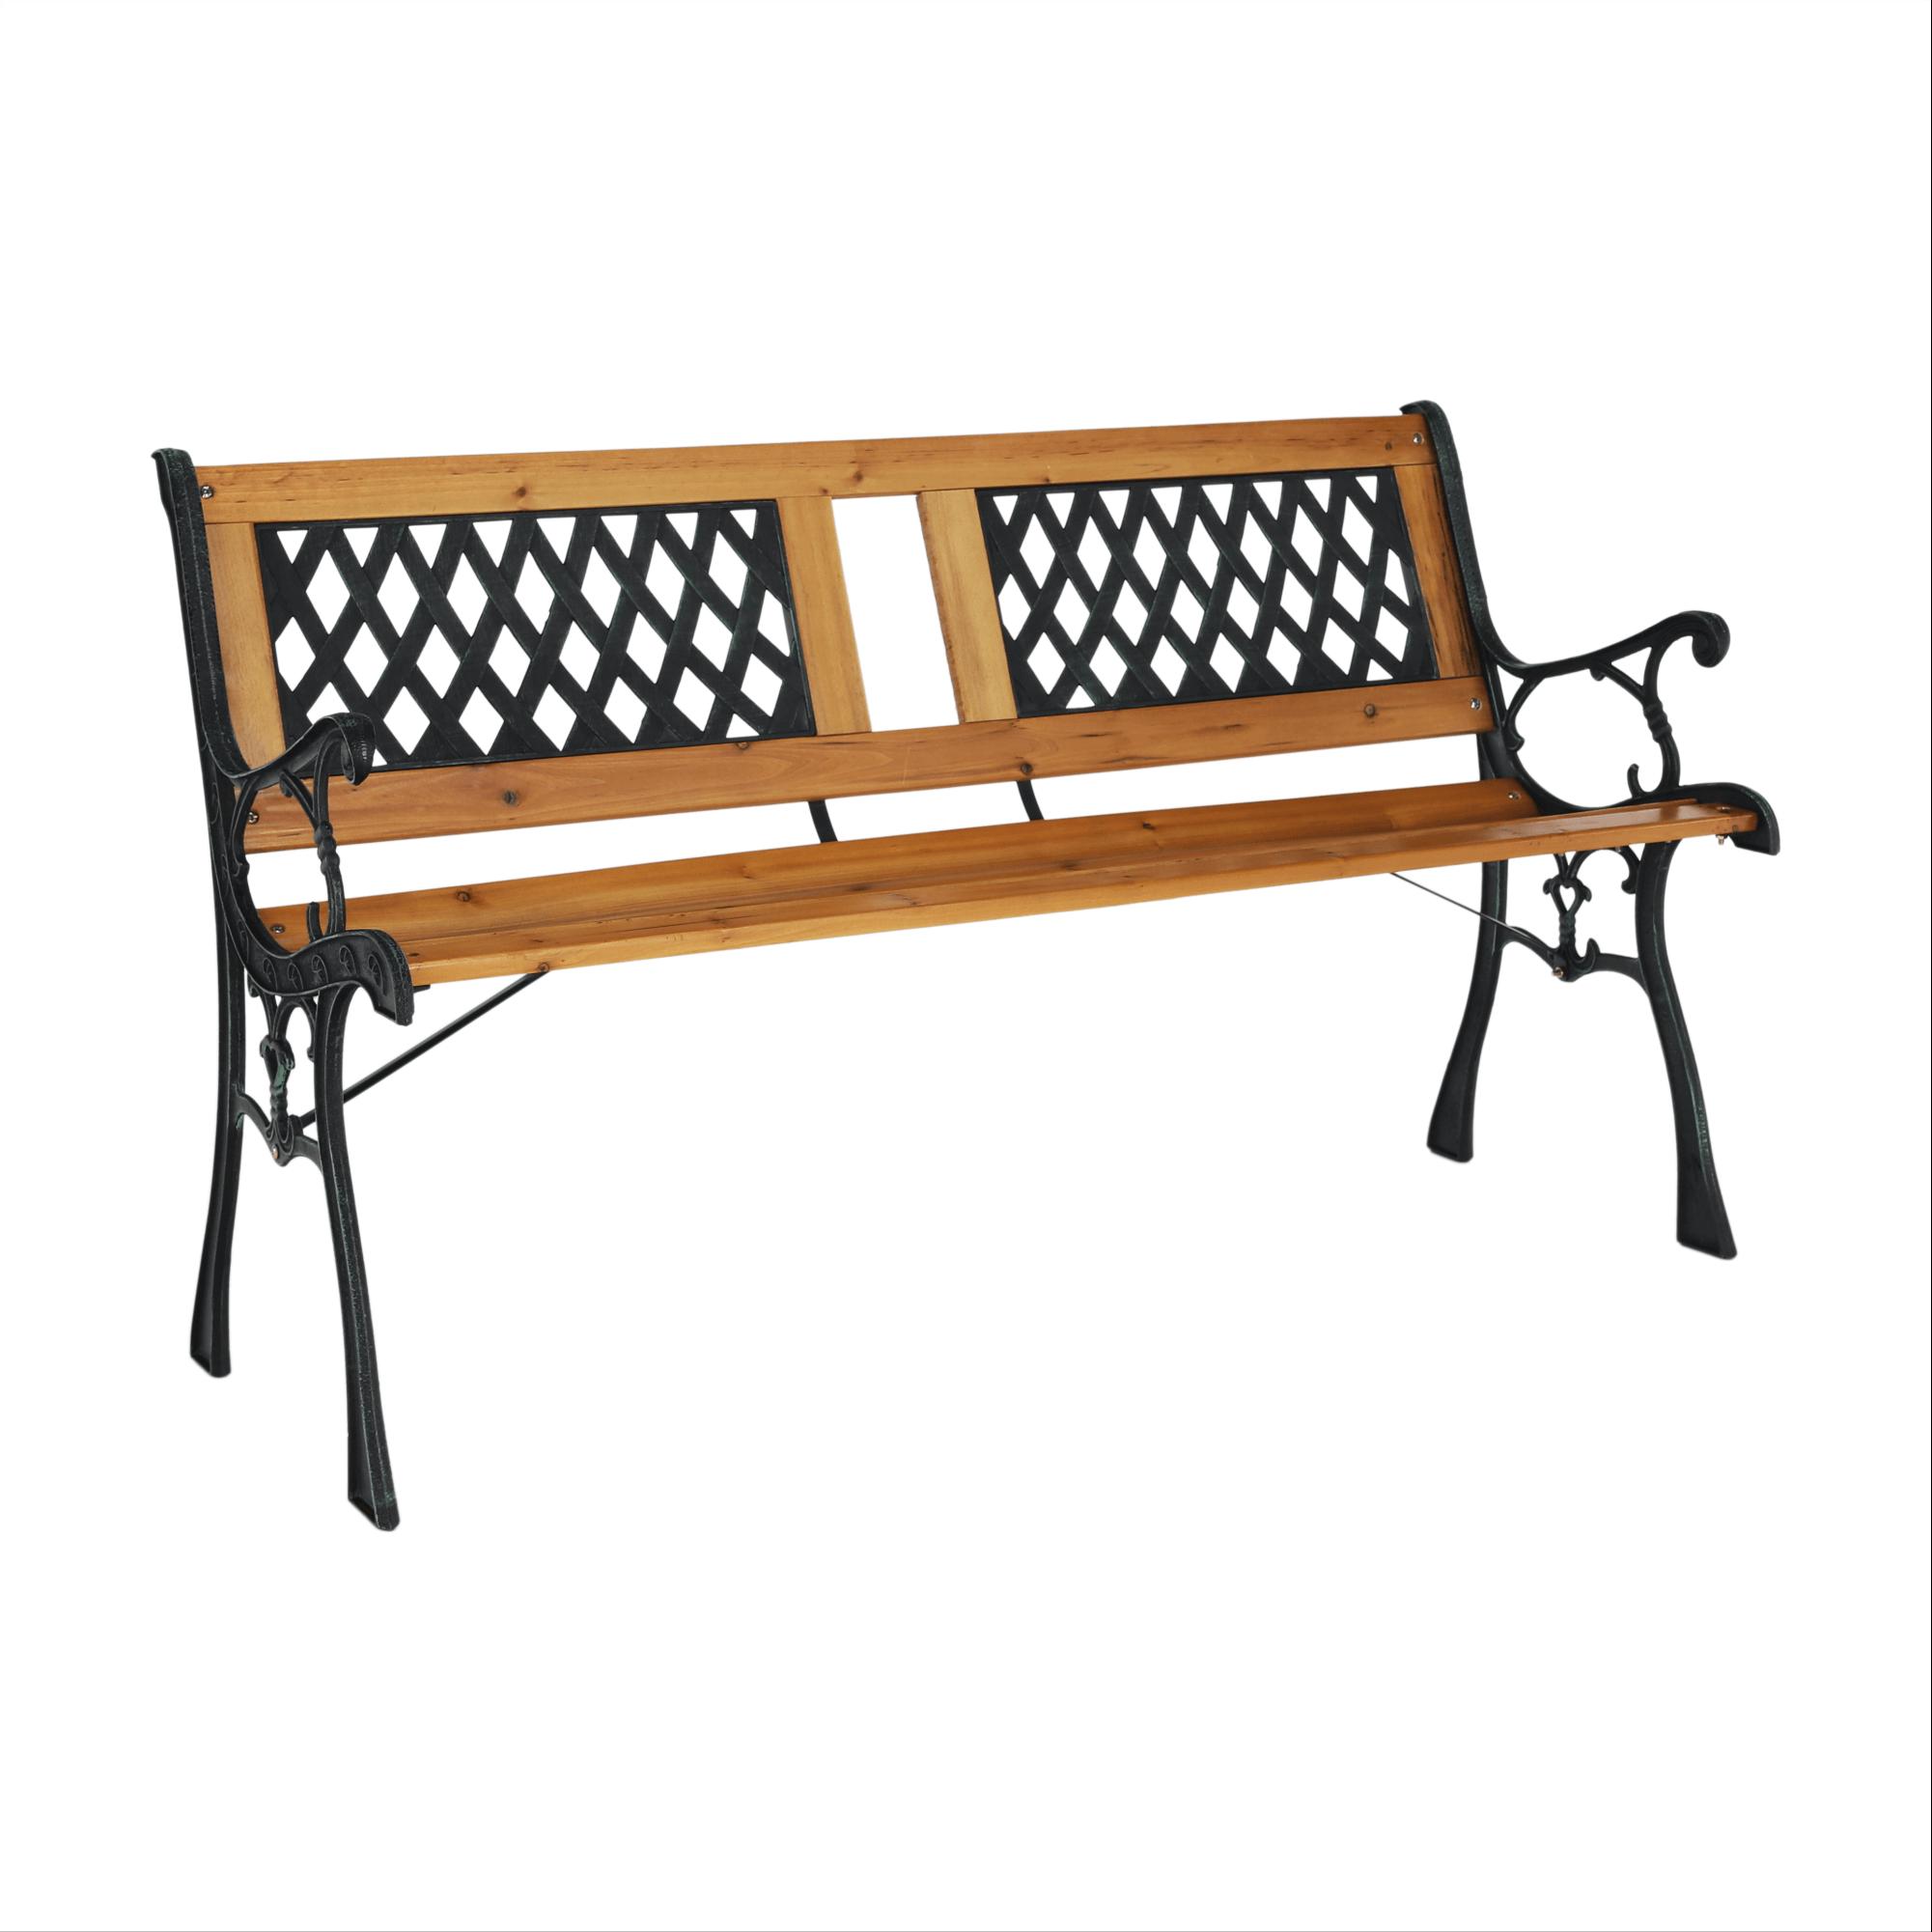 Záhradná lavička, čierna/prírodná, JADARA